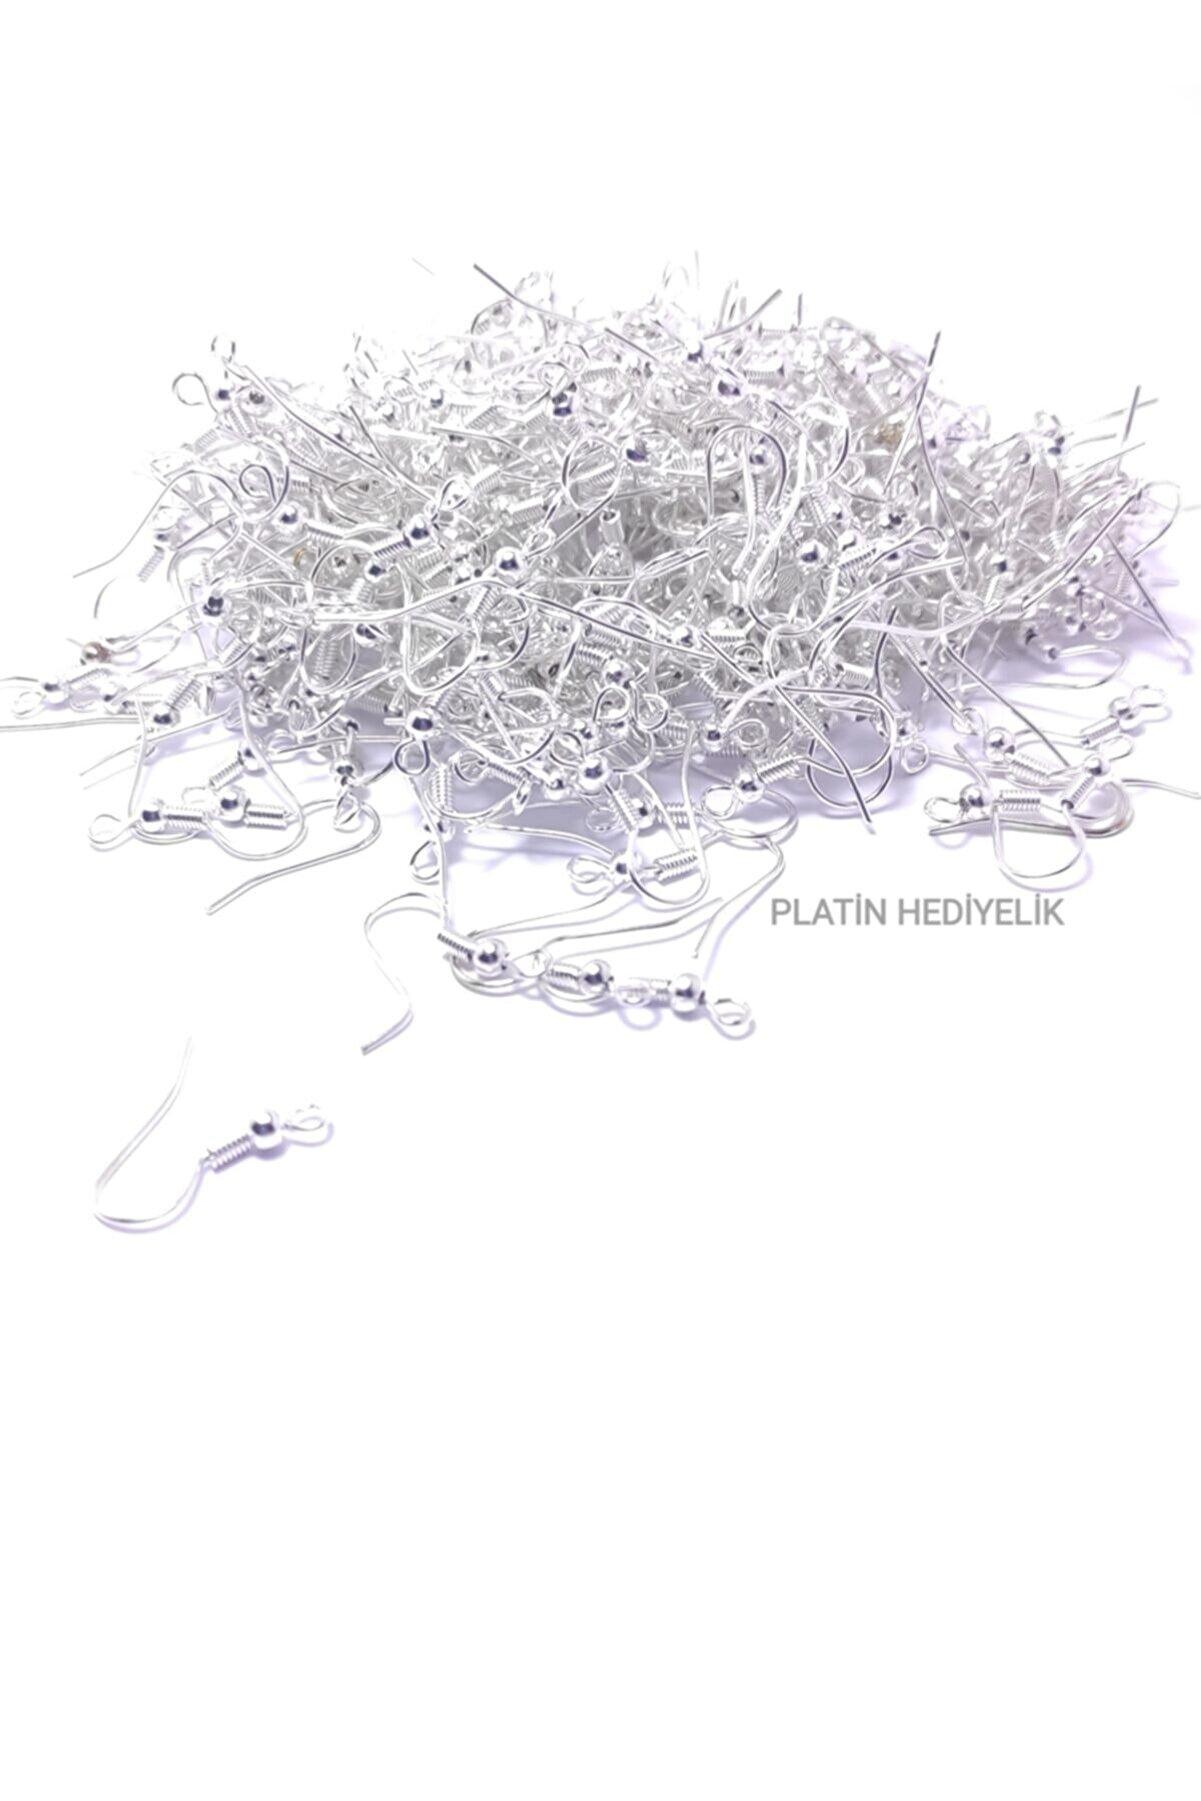 platin hediyelik Parlak Gümüş Renk Küpe Kancası Klipsi Malzemesi 50 Çift